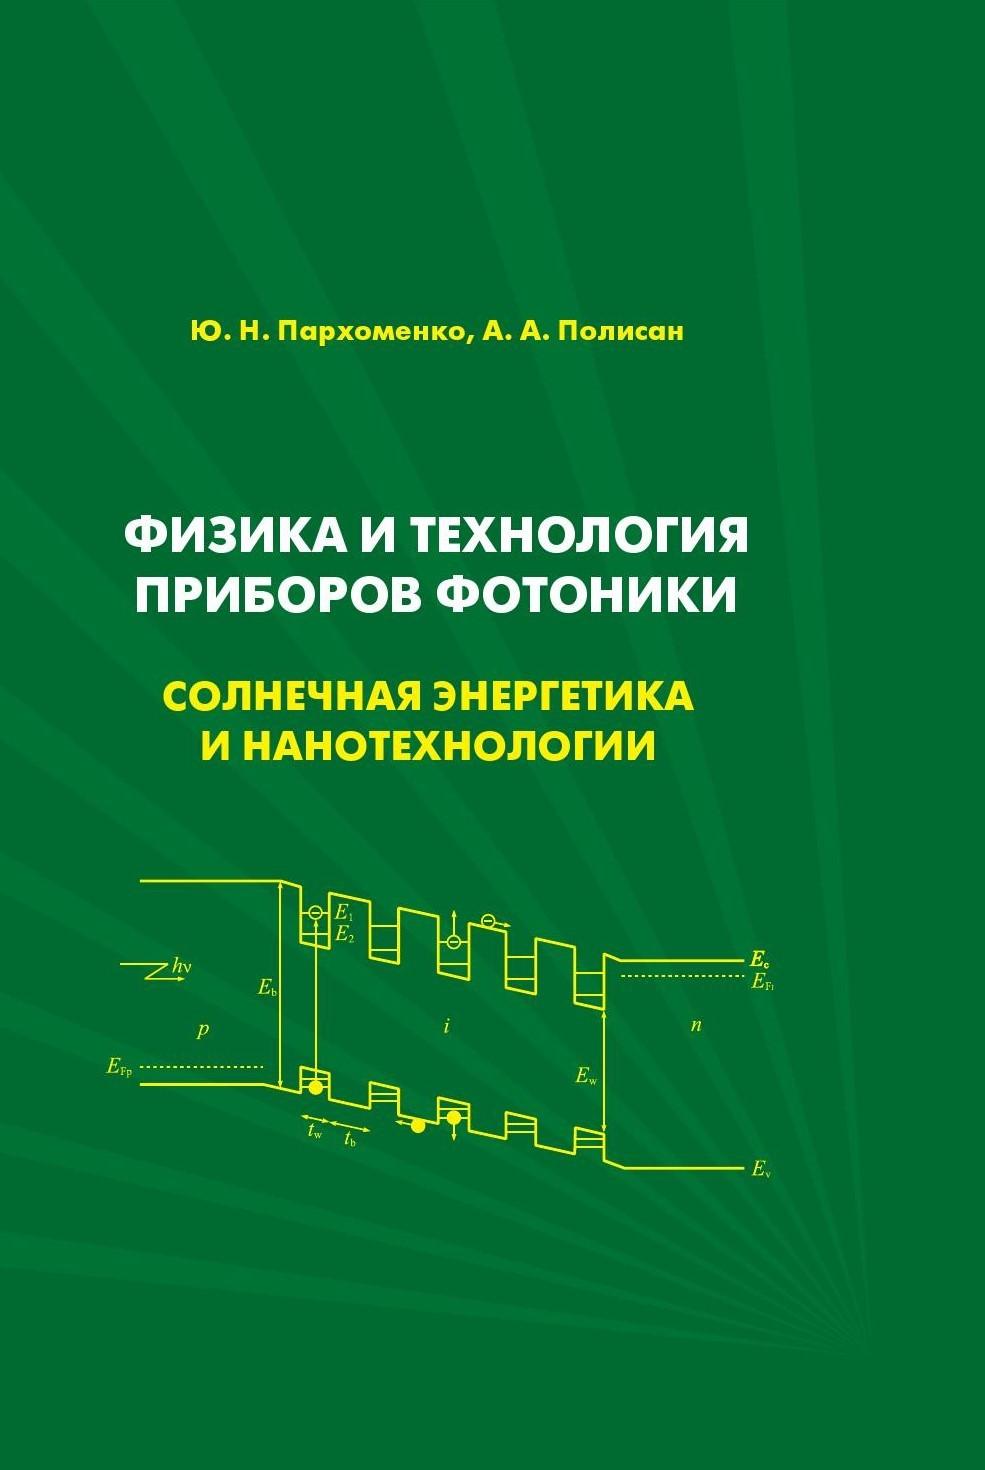 Андрей Полисан Физика и технология приборов фотоники. Солнечная энергетика и нанотехнологии